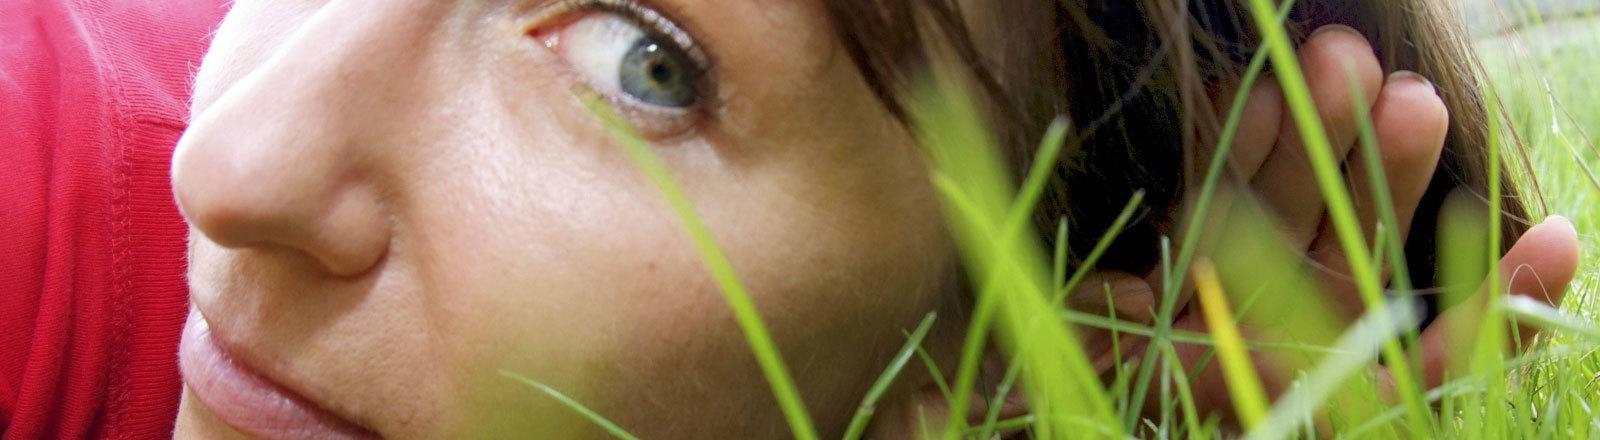 Junge Frau liegt auf einer Wiese und hört dem Gras beim Wachsen zu.